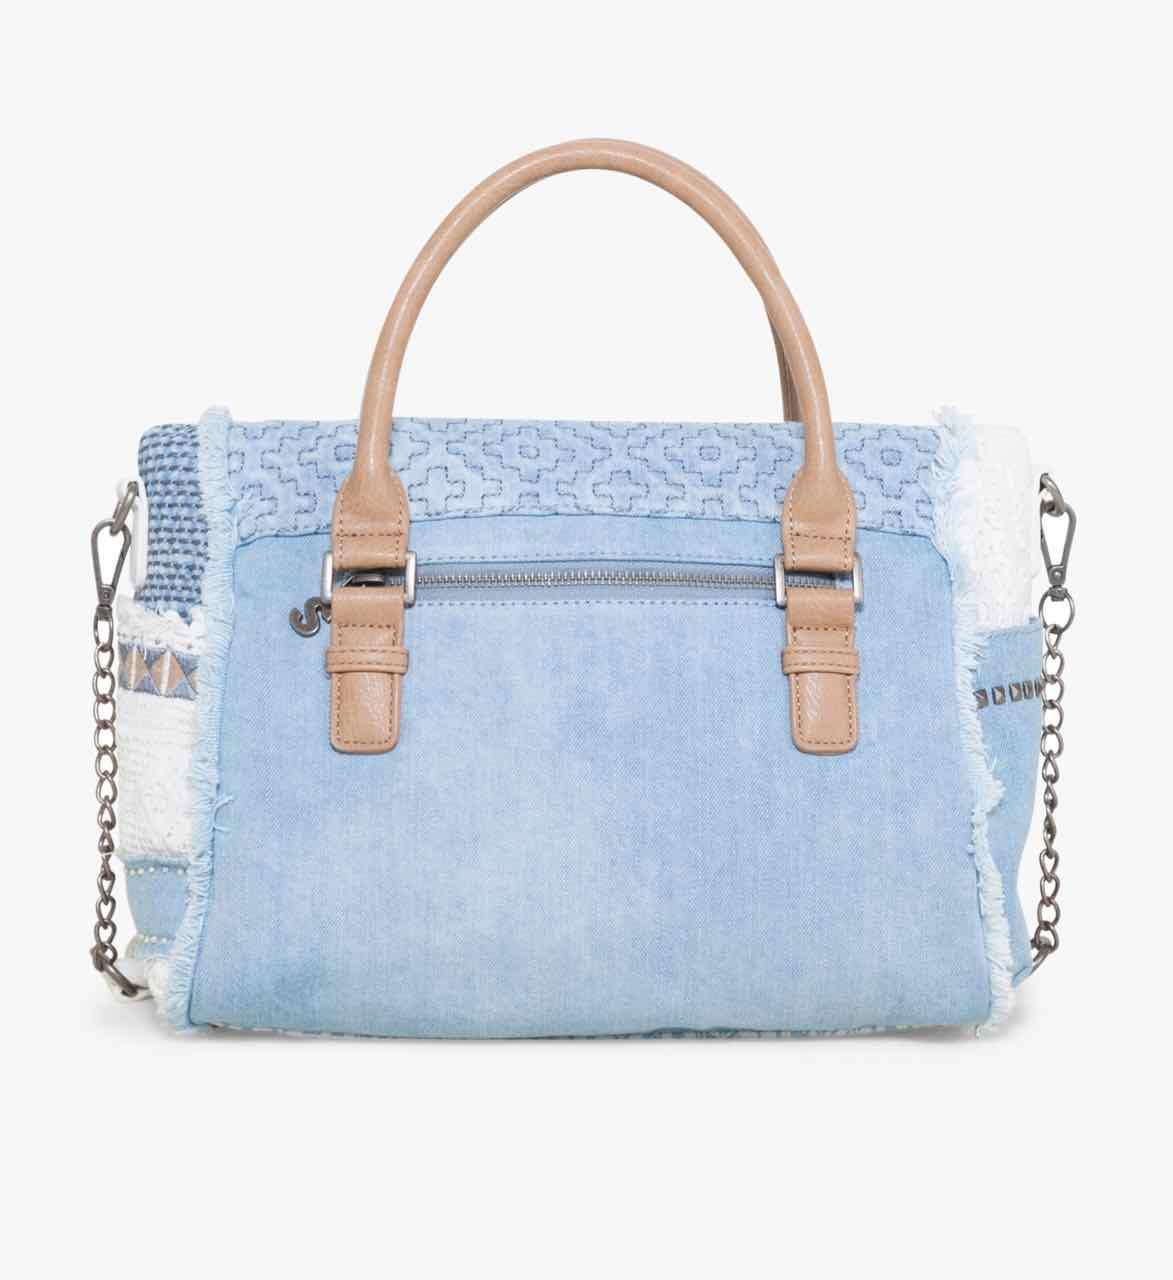 74X9JE6_5002 Desigual Bag Loverty Whitney Canada